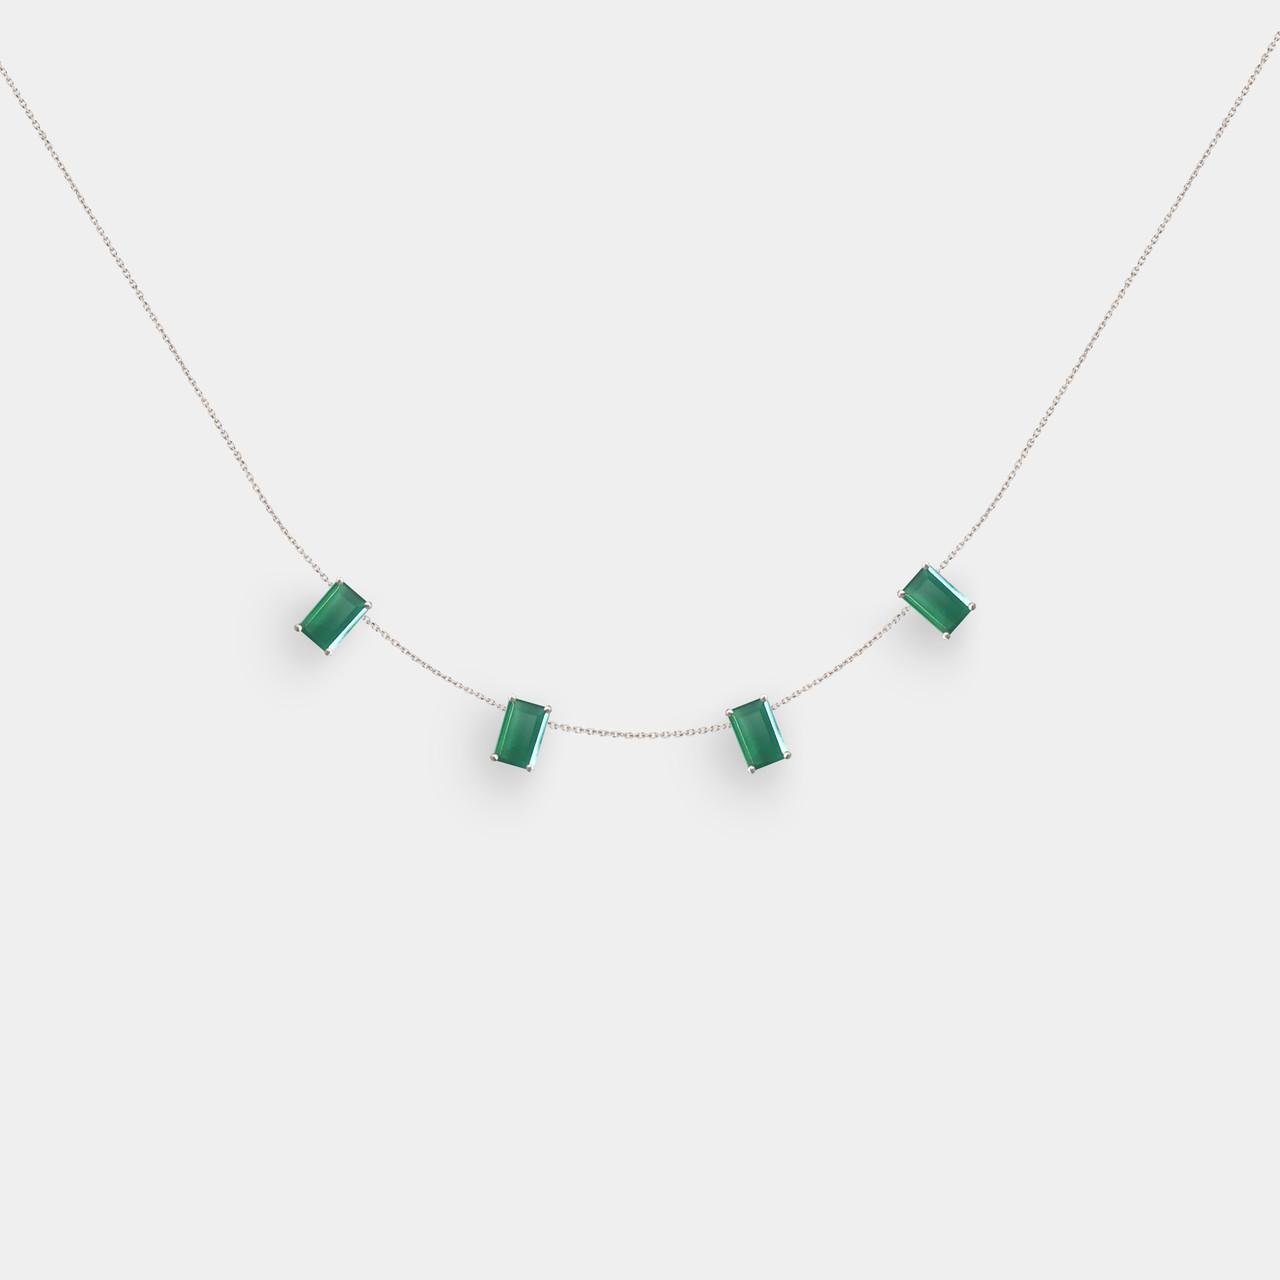 Collier Ras de Cou Agate Verte, Collier Or Femme Agate Verte